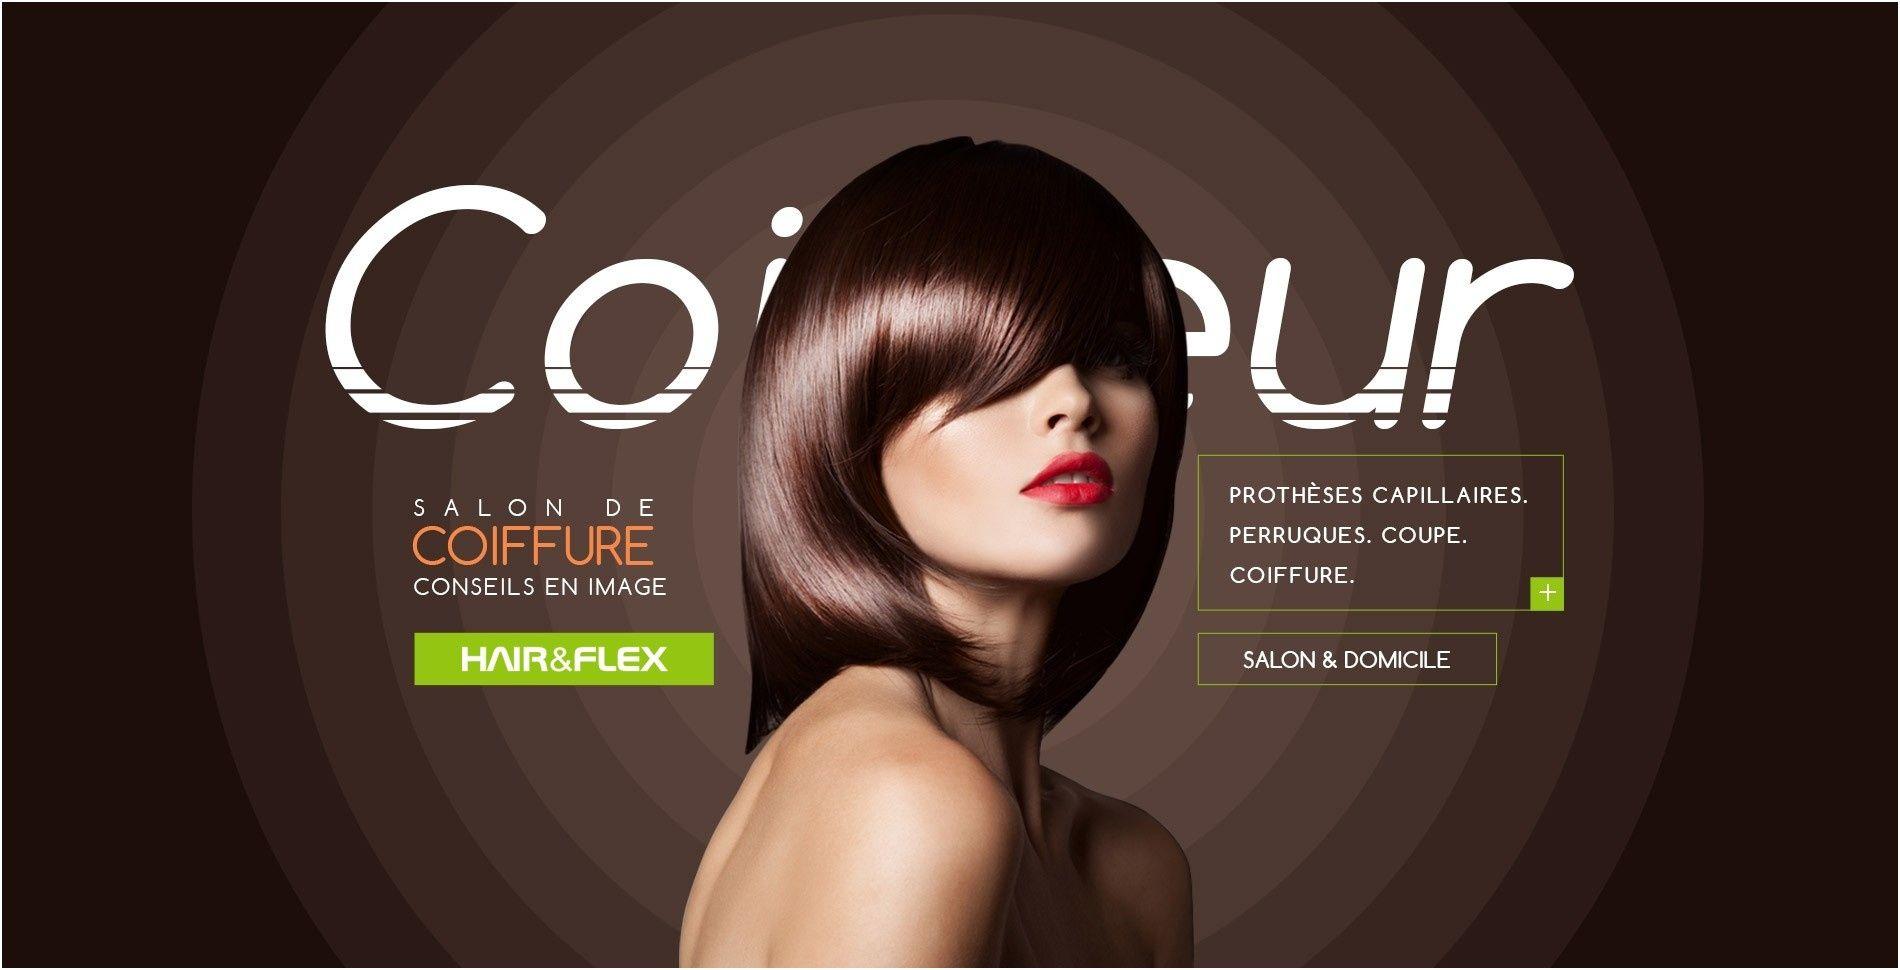 13++ Salon de coiffure hommes bruxelles idees en 2021